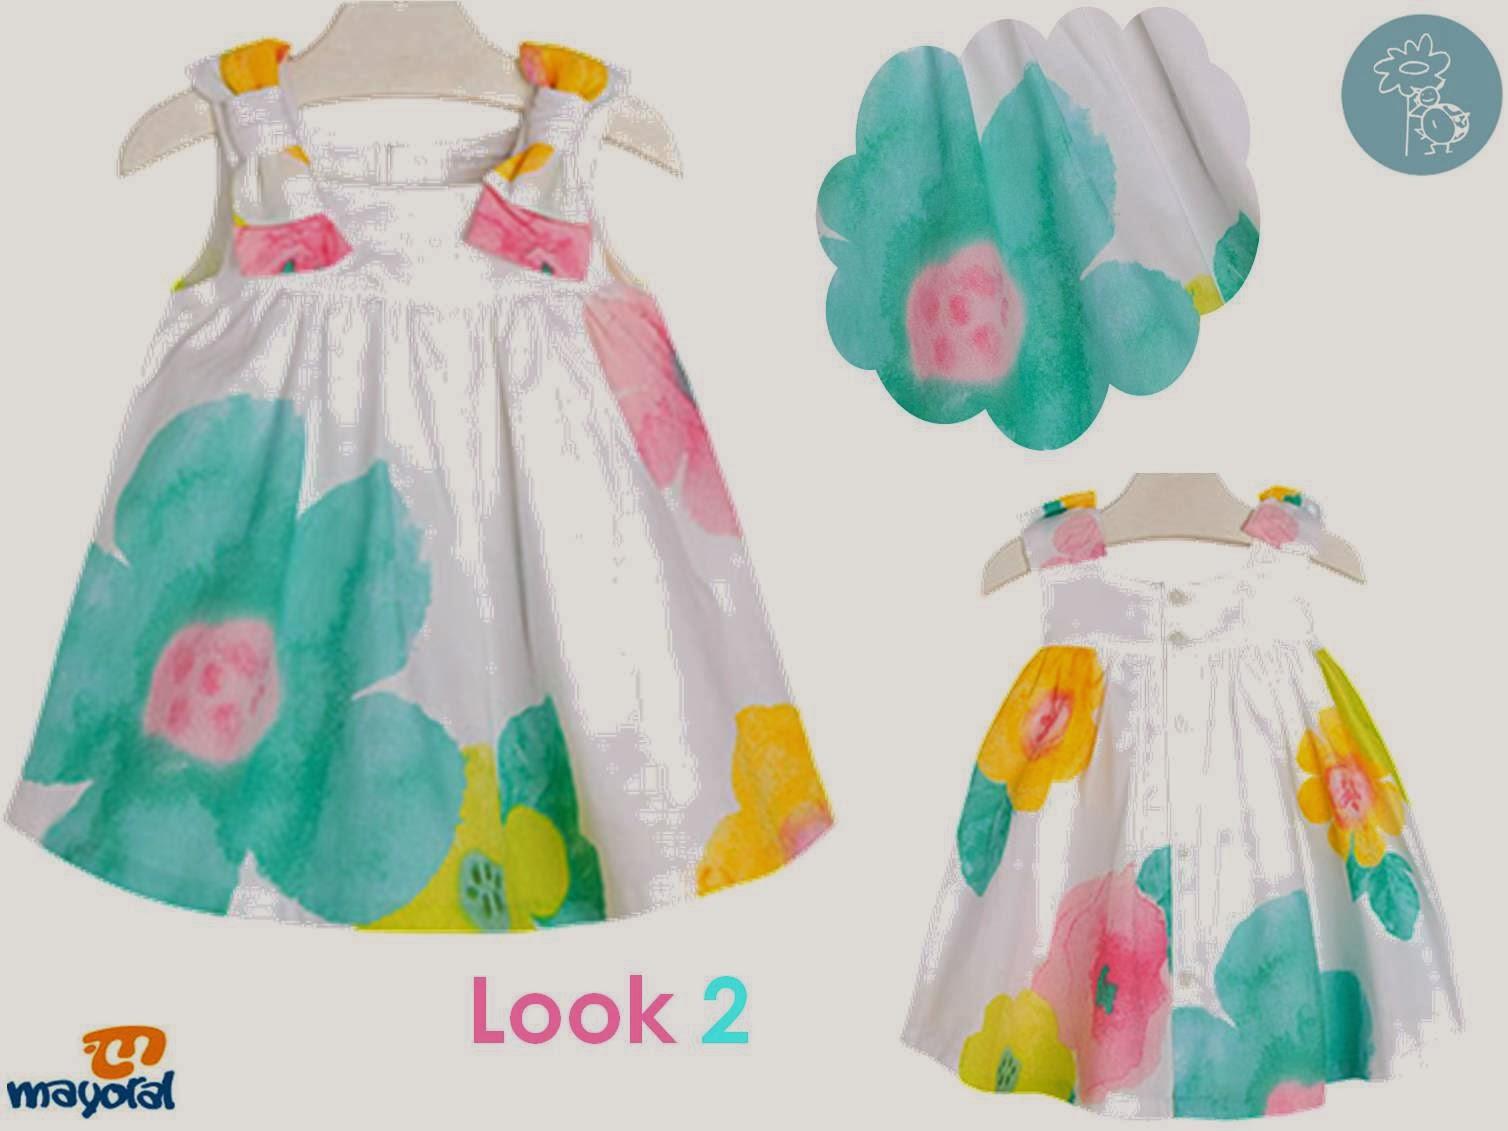 Look 2 Mayoral compuesto por un Vestido de flores en Blog Retamal moda infantil